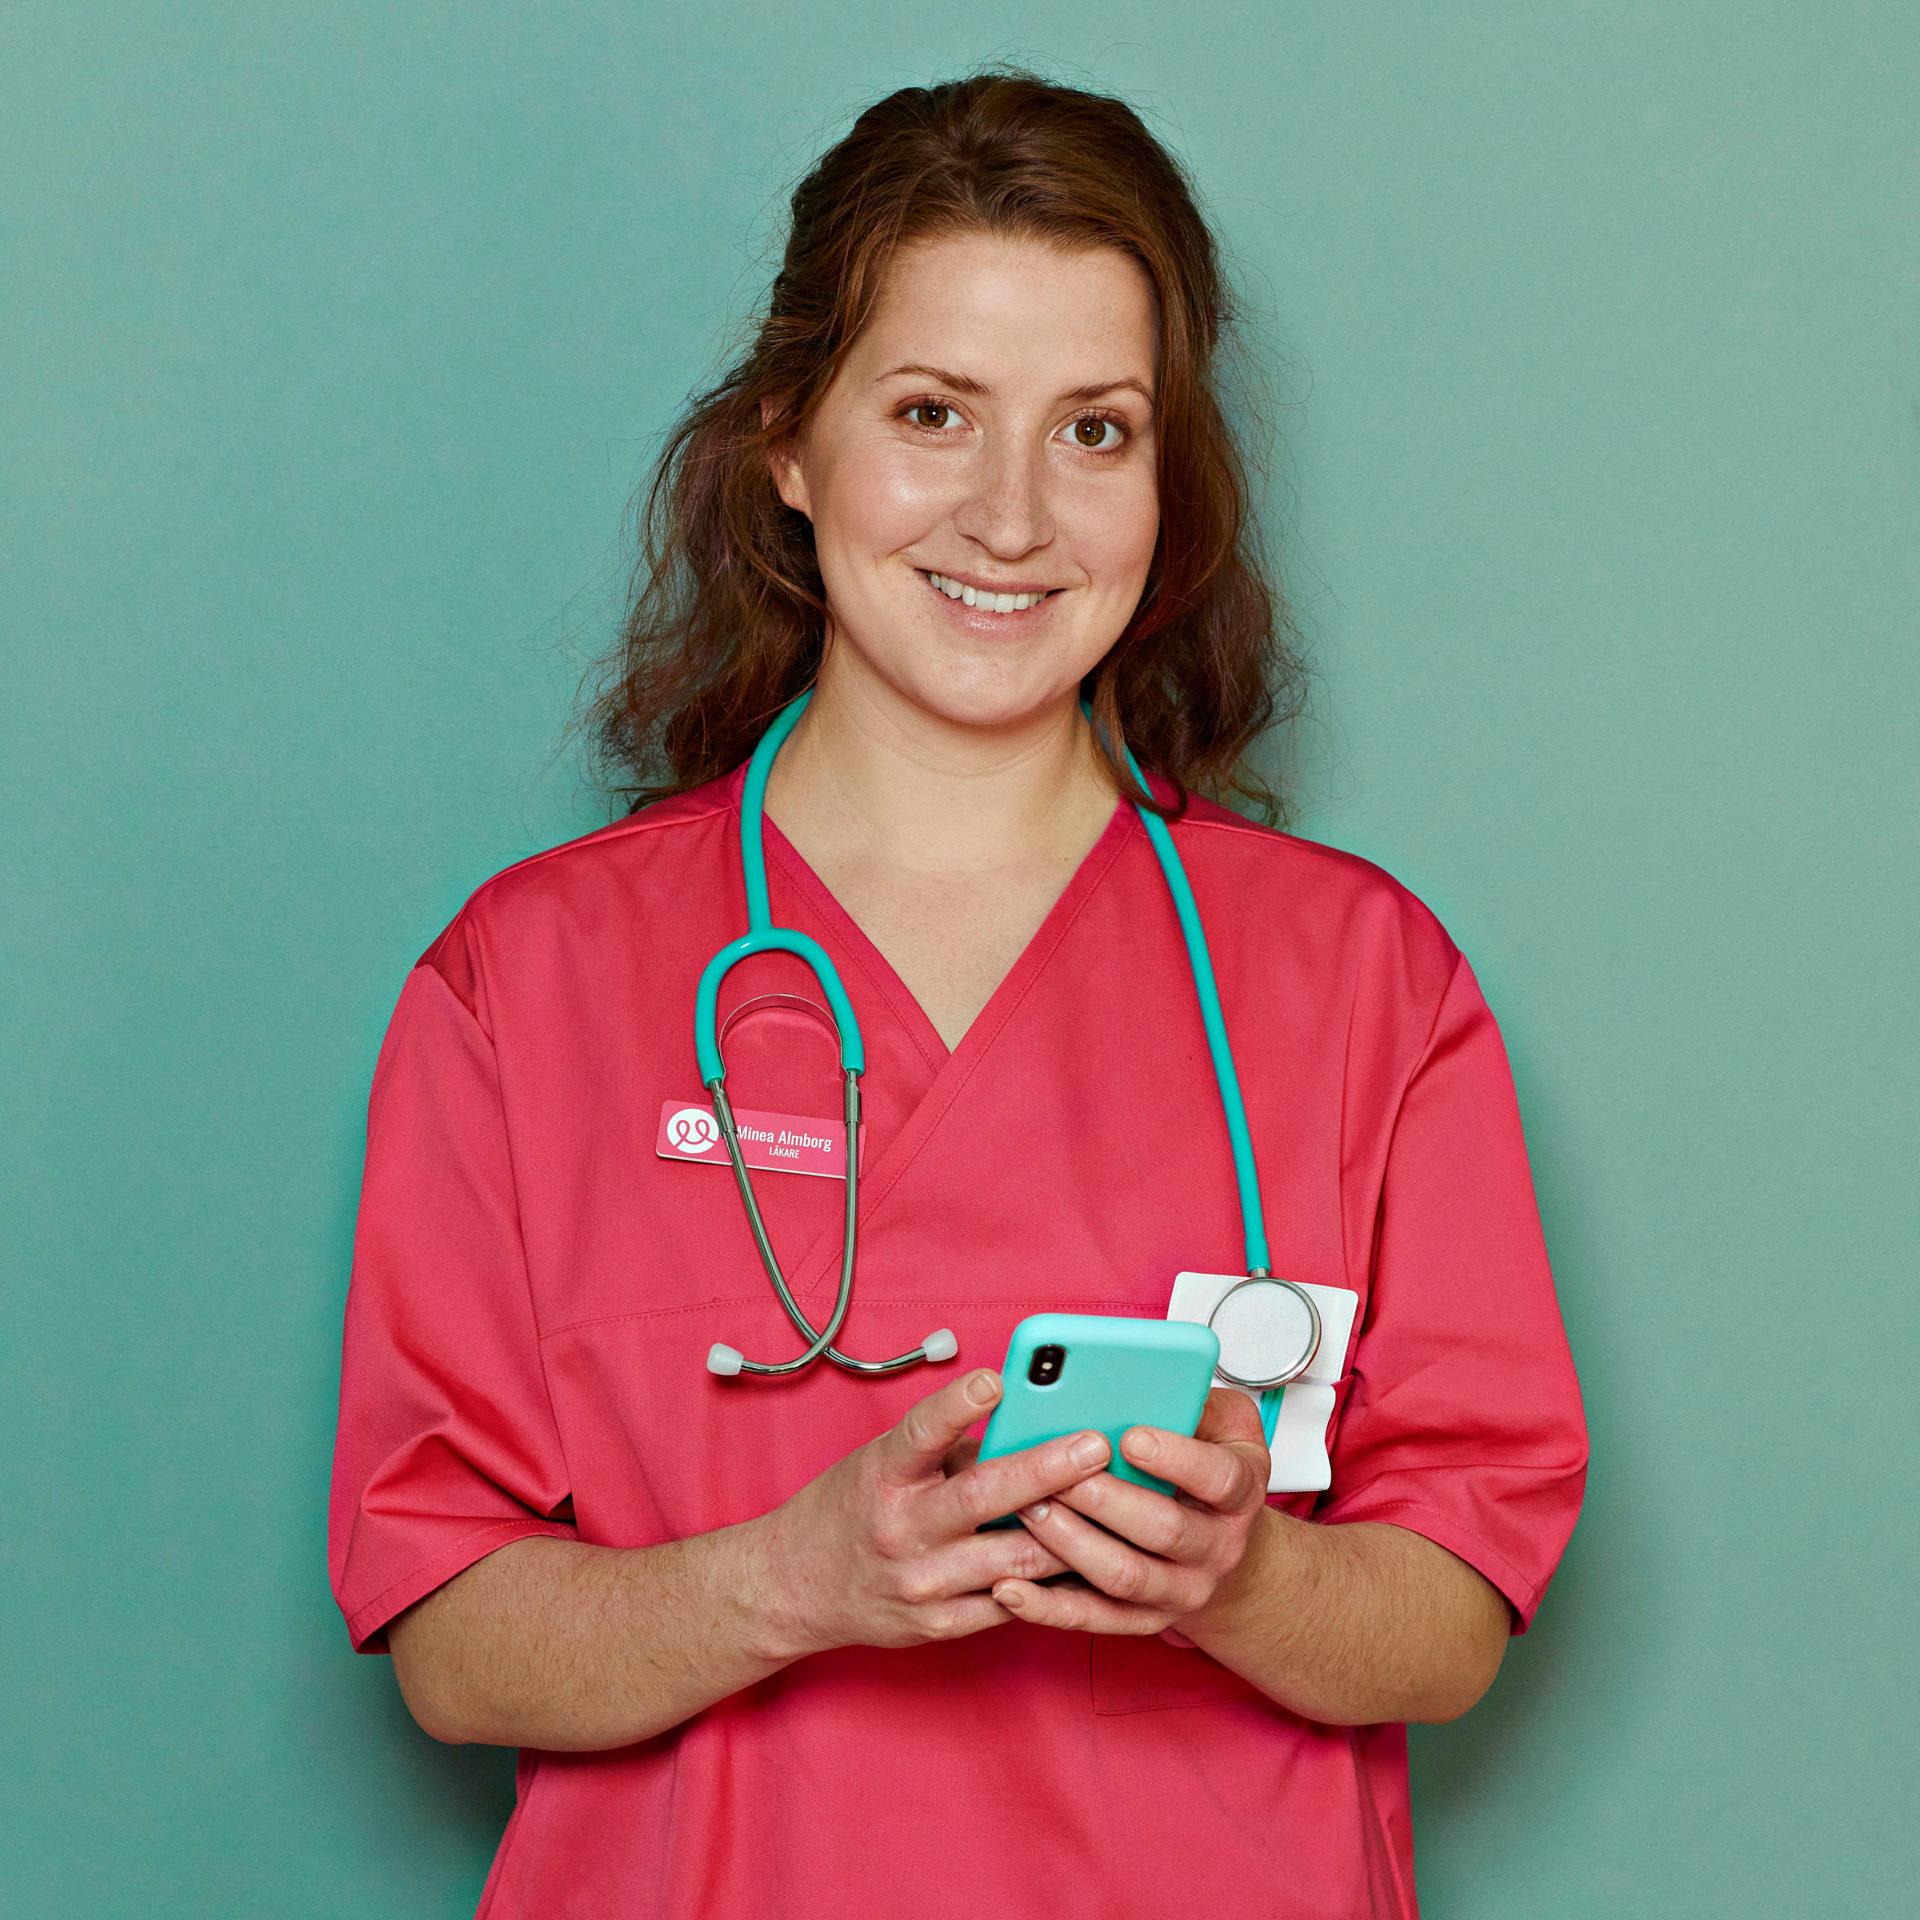 Jessie Lewis Skoglund som sjuksköterska